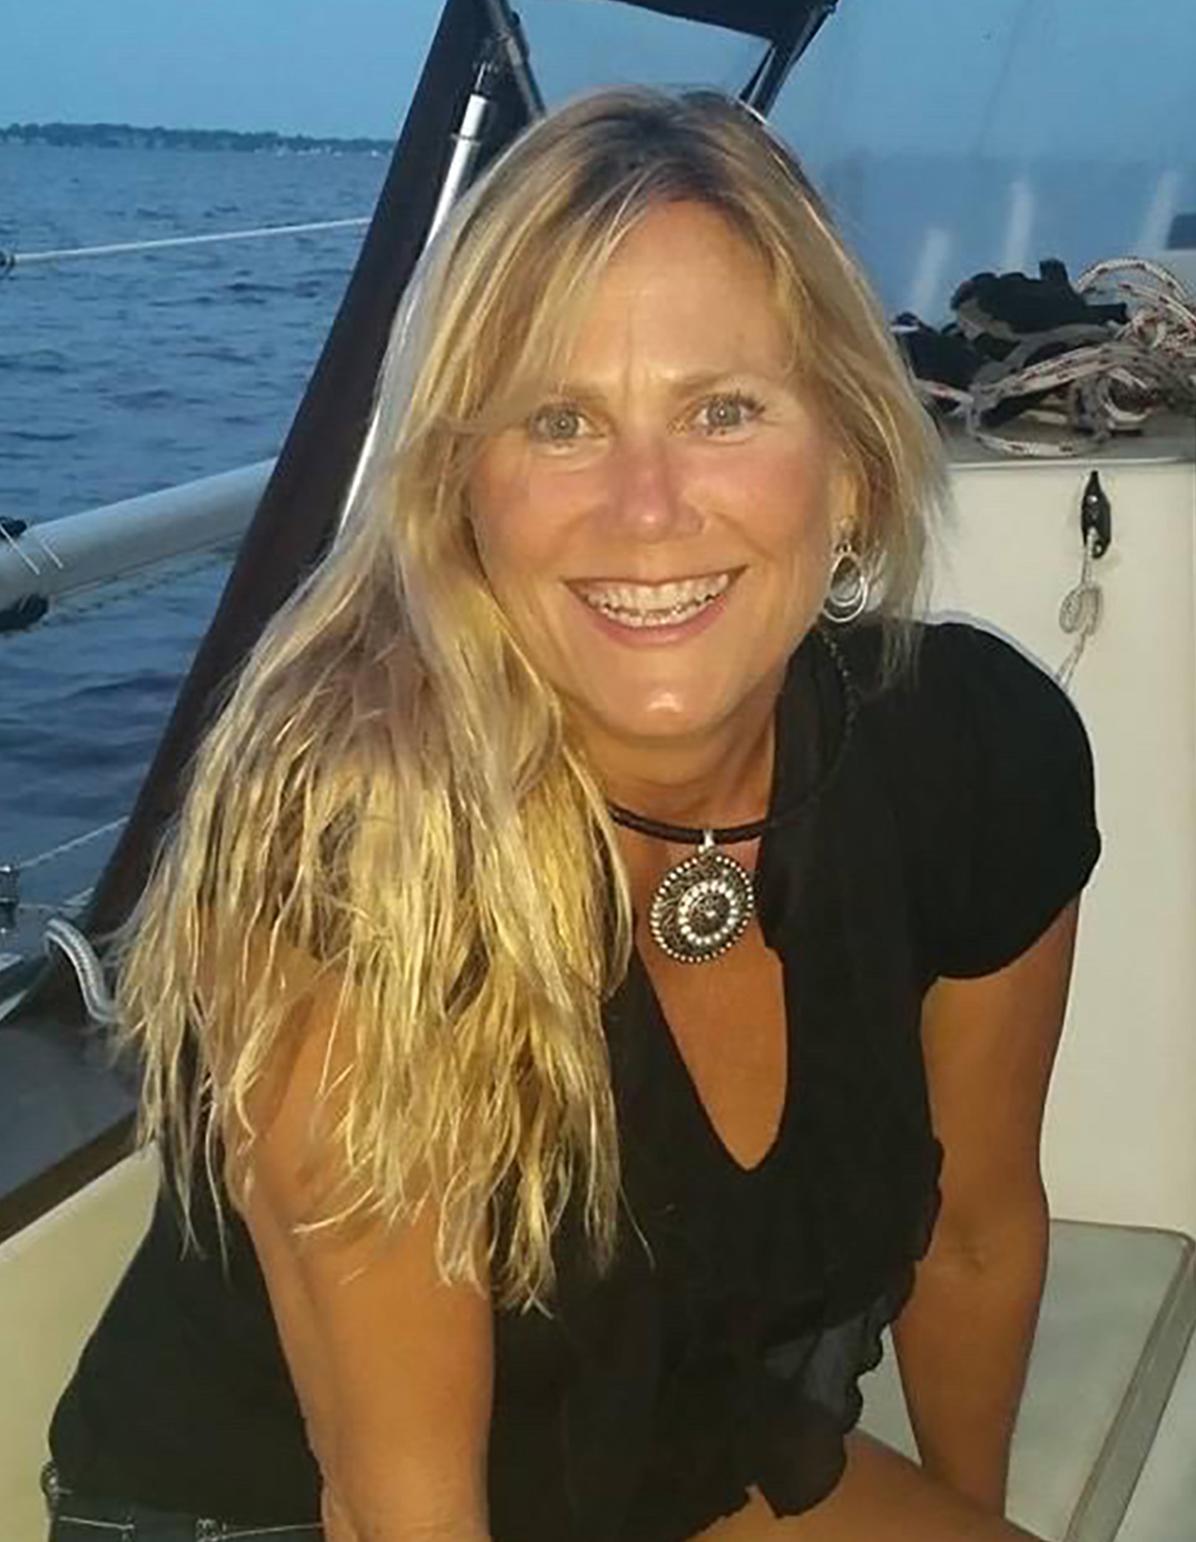 Shelbie Jordan